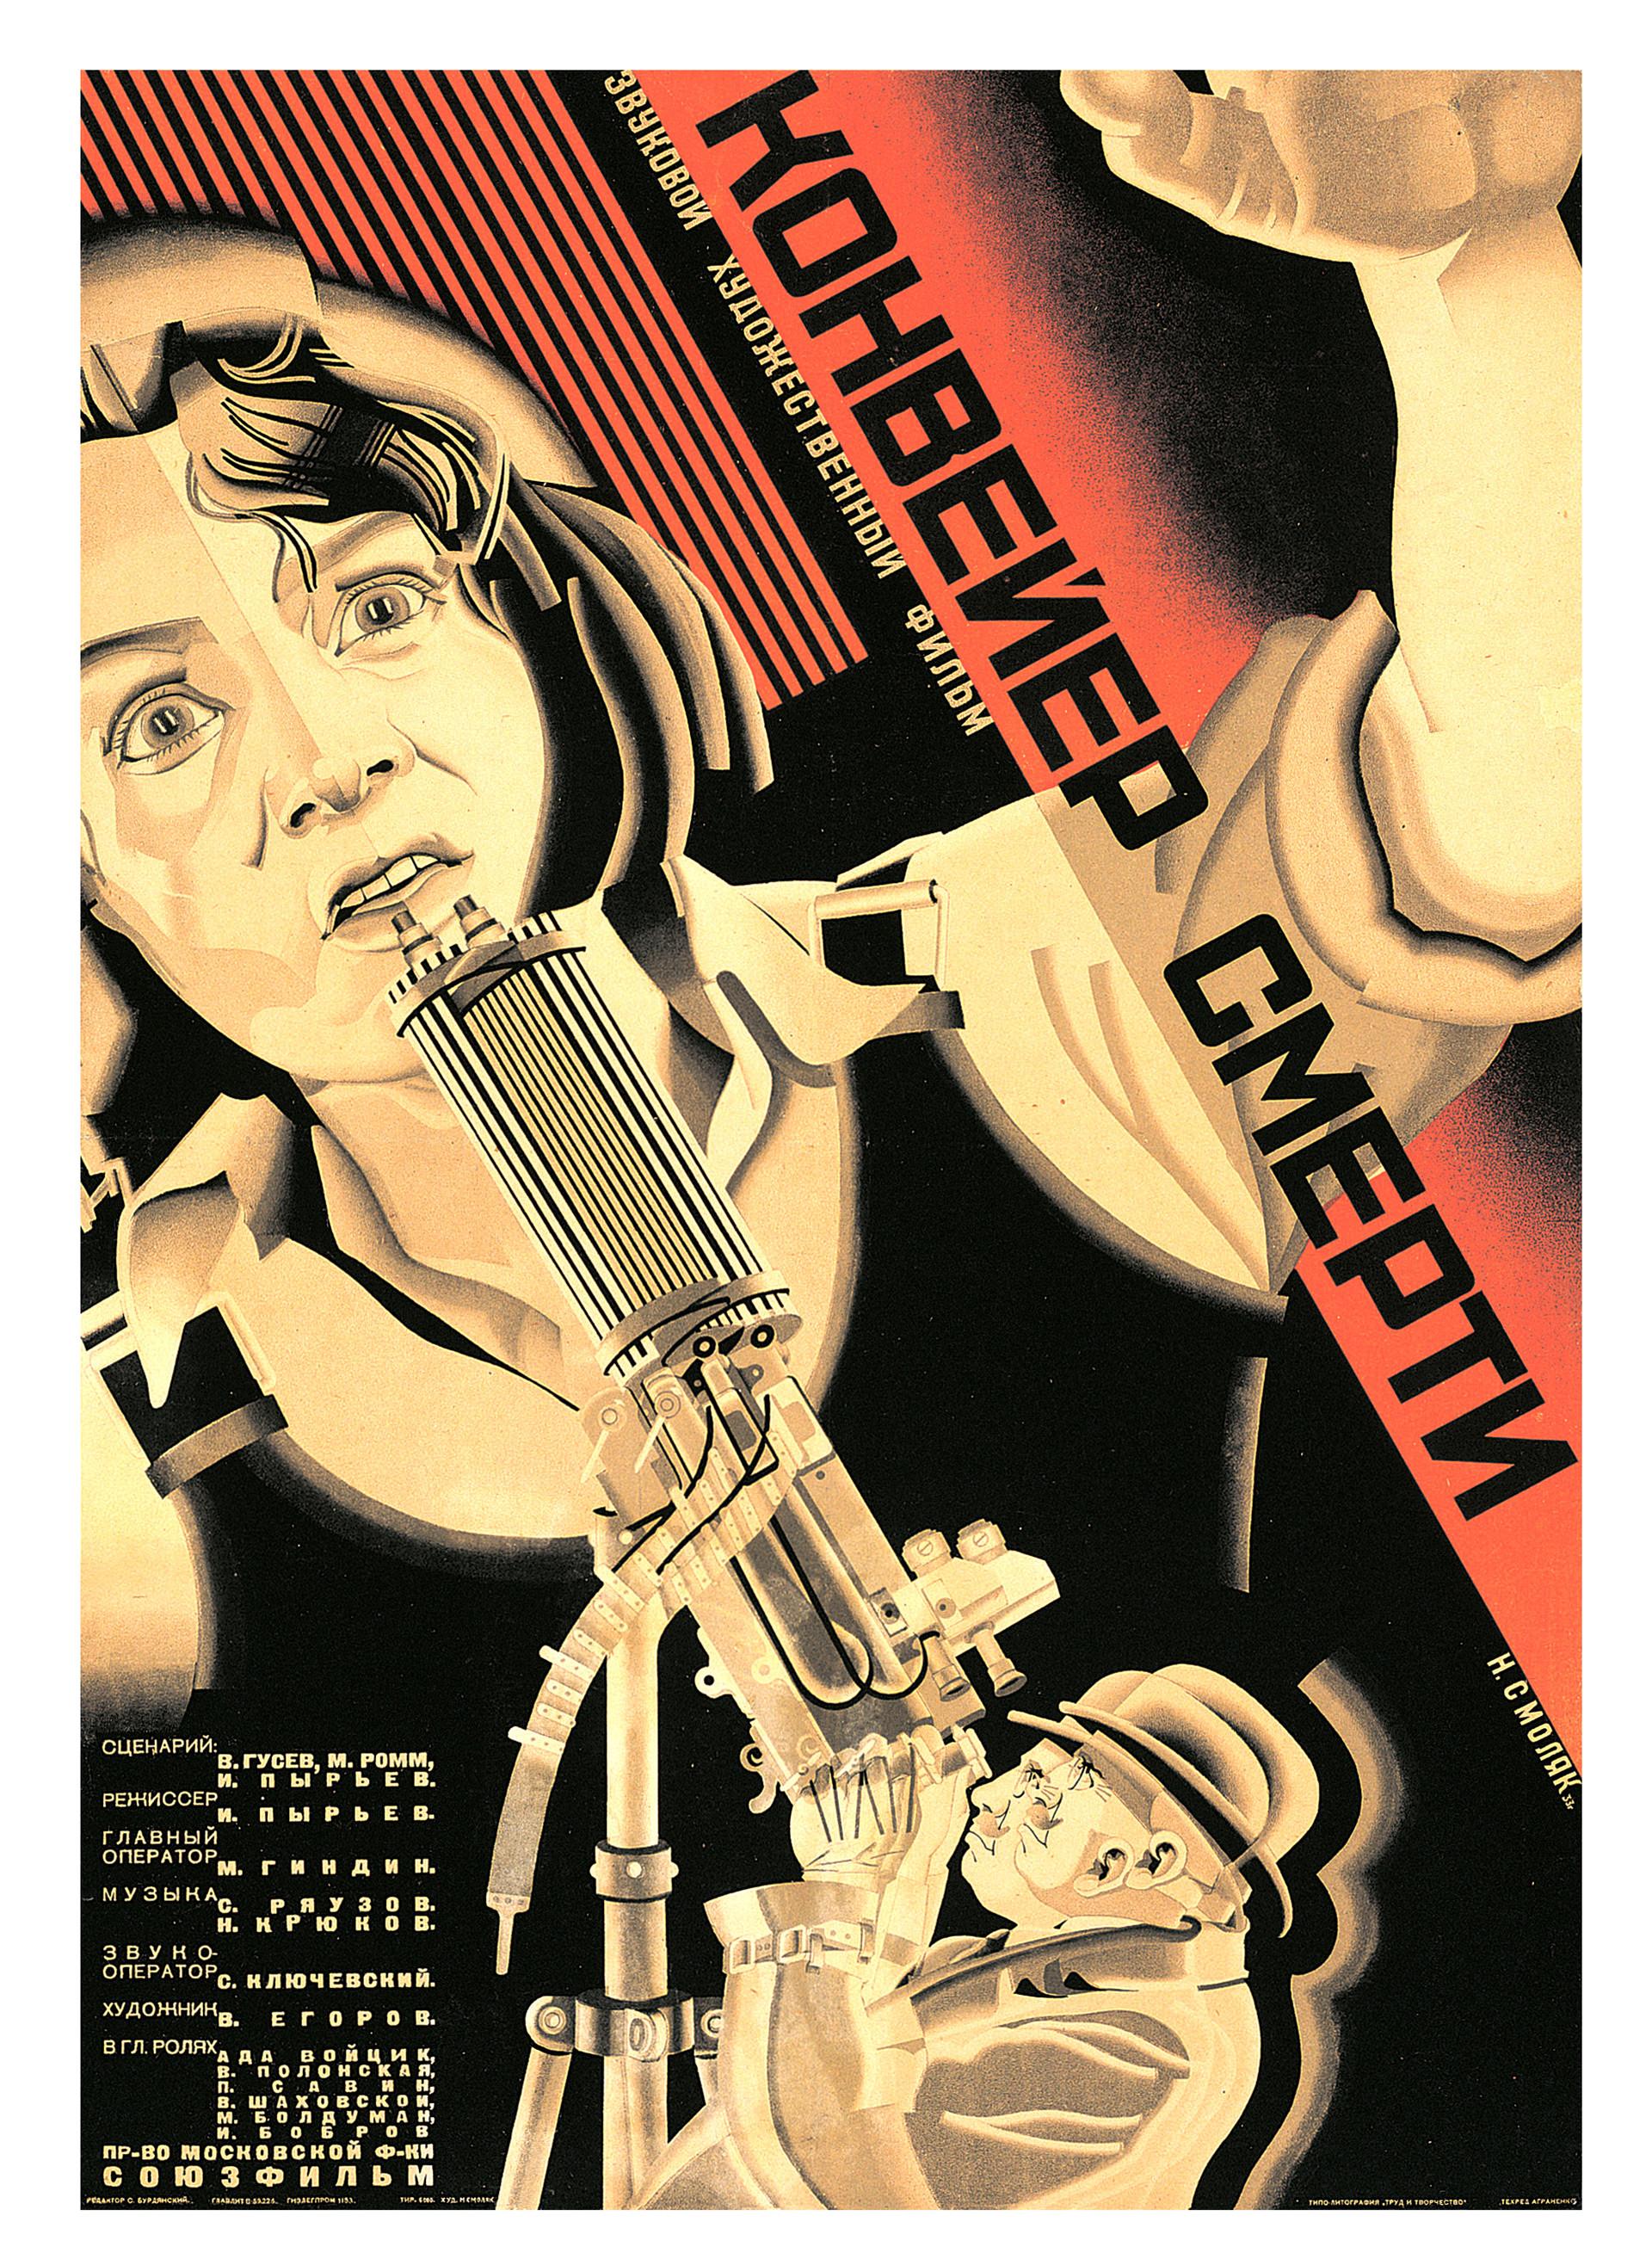 Smoliakovski, cartel para la película 'Konveier smerti', 1933.